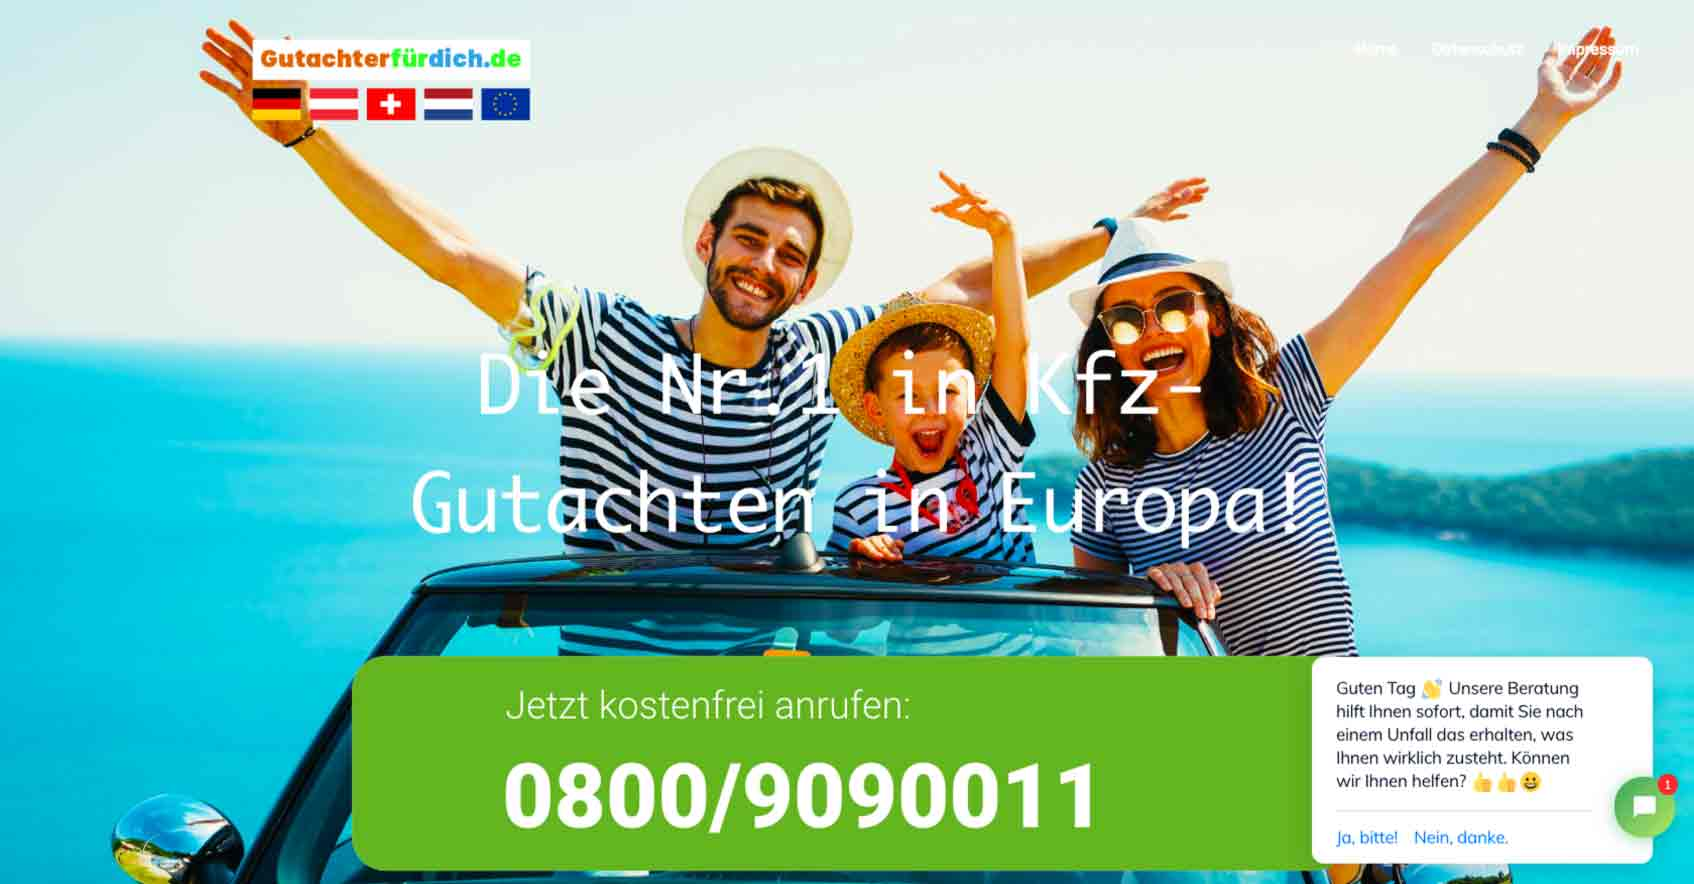 Screenshot von Internetauftritt und diesebbezüglichen Webseite bzw.Website und ihres Webdesign für den Gutachter Sercive. Im okus steht das Webdesign